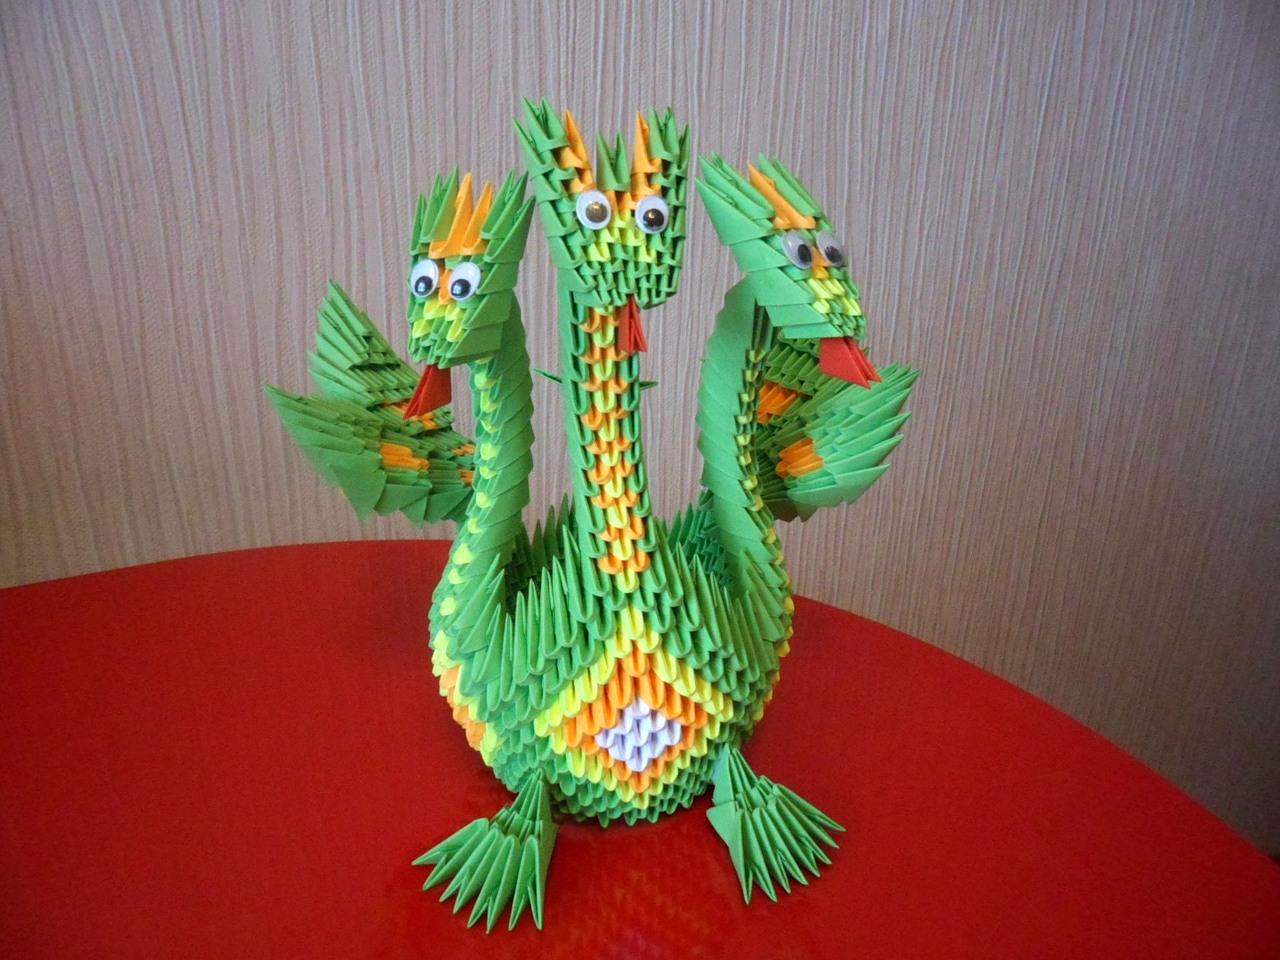 модульные оригами из бумаги лебедь, сова схема